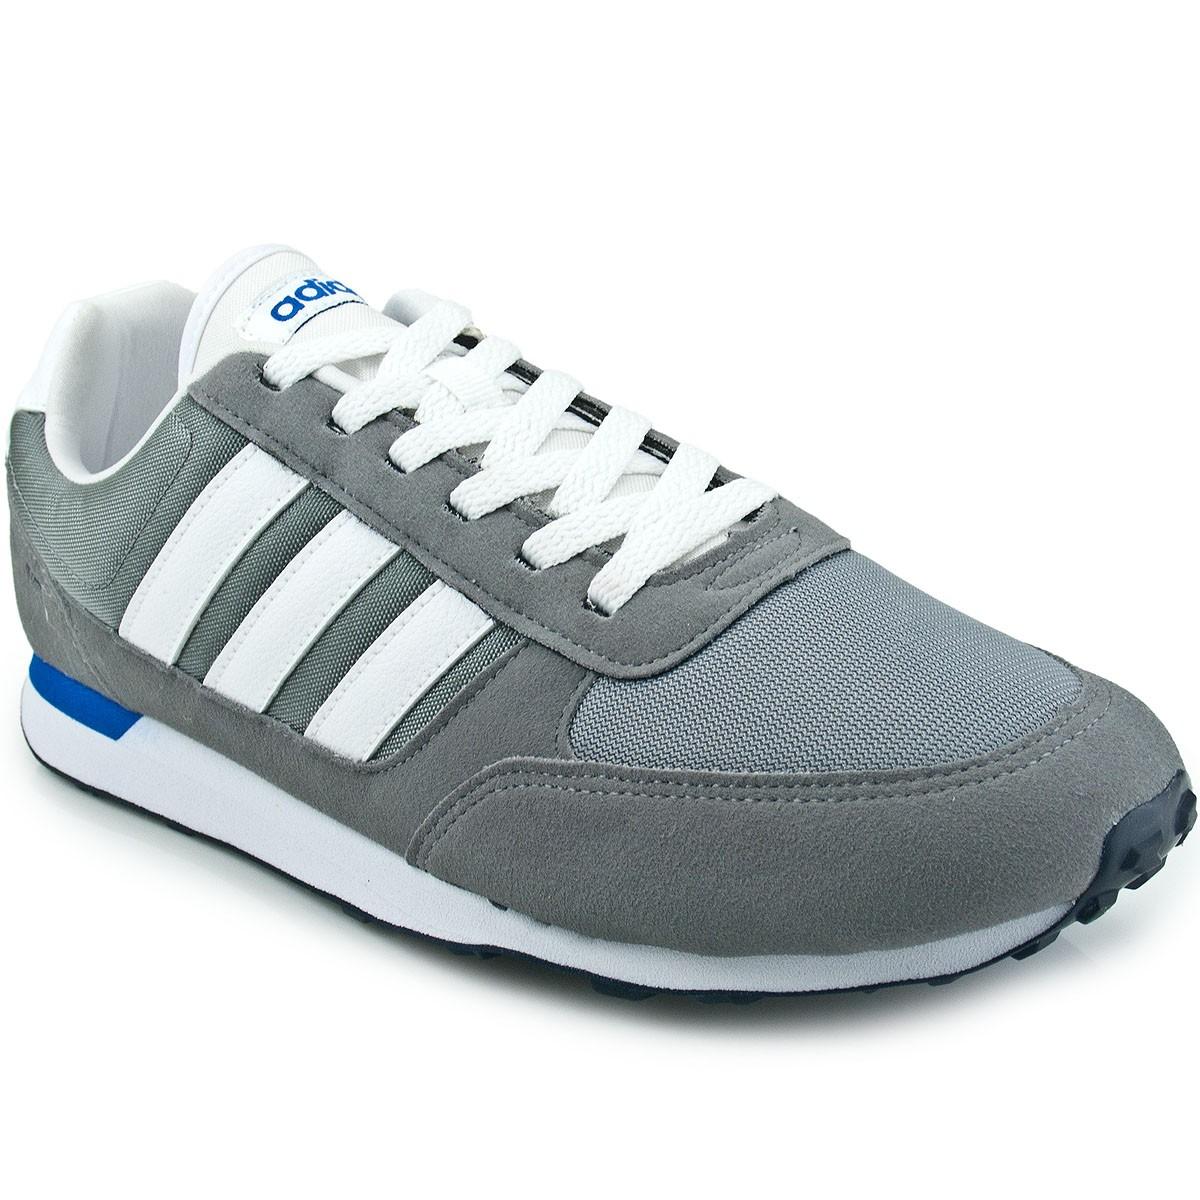 125d647e30c Tênis Adidas City Racer